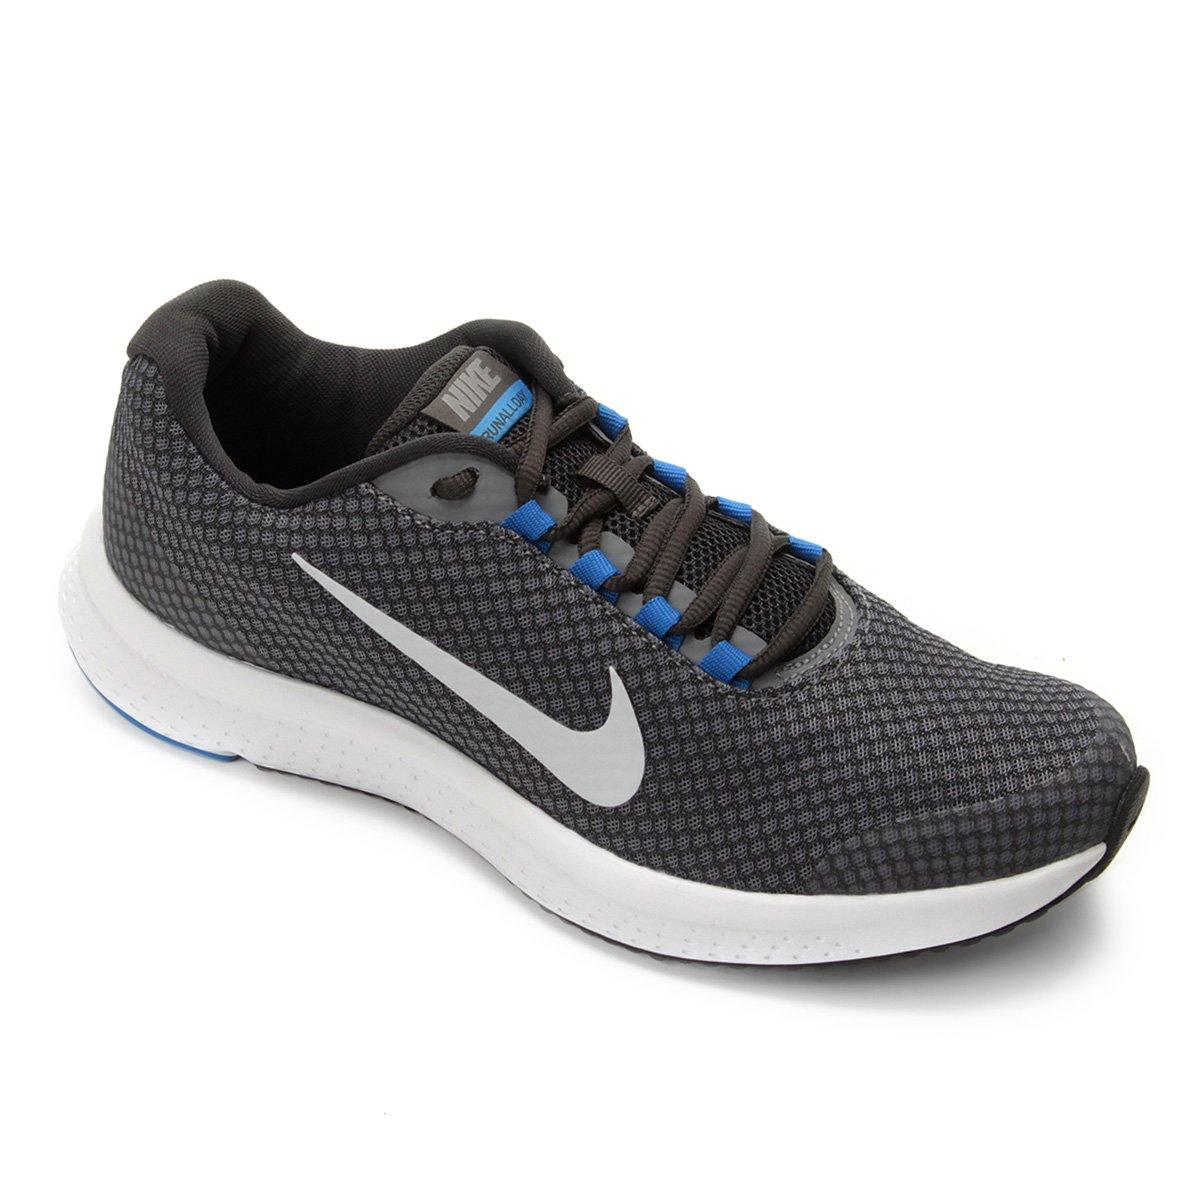 d59201e7af2 Tênis Nike Runallday Masculino - Preto e Prata - Compre Agora